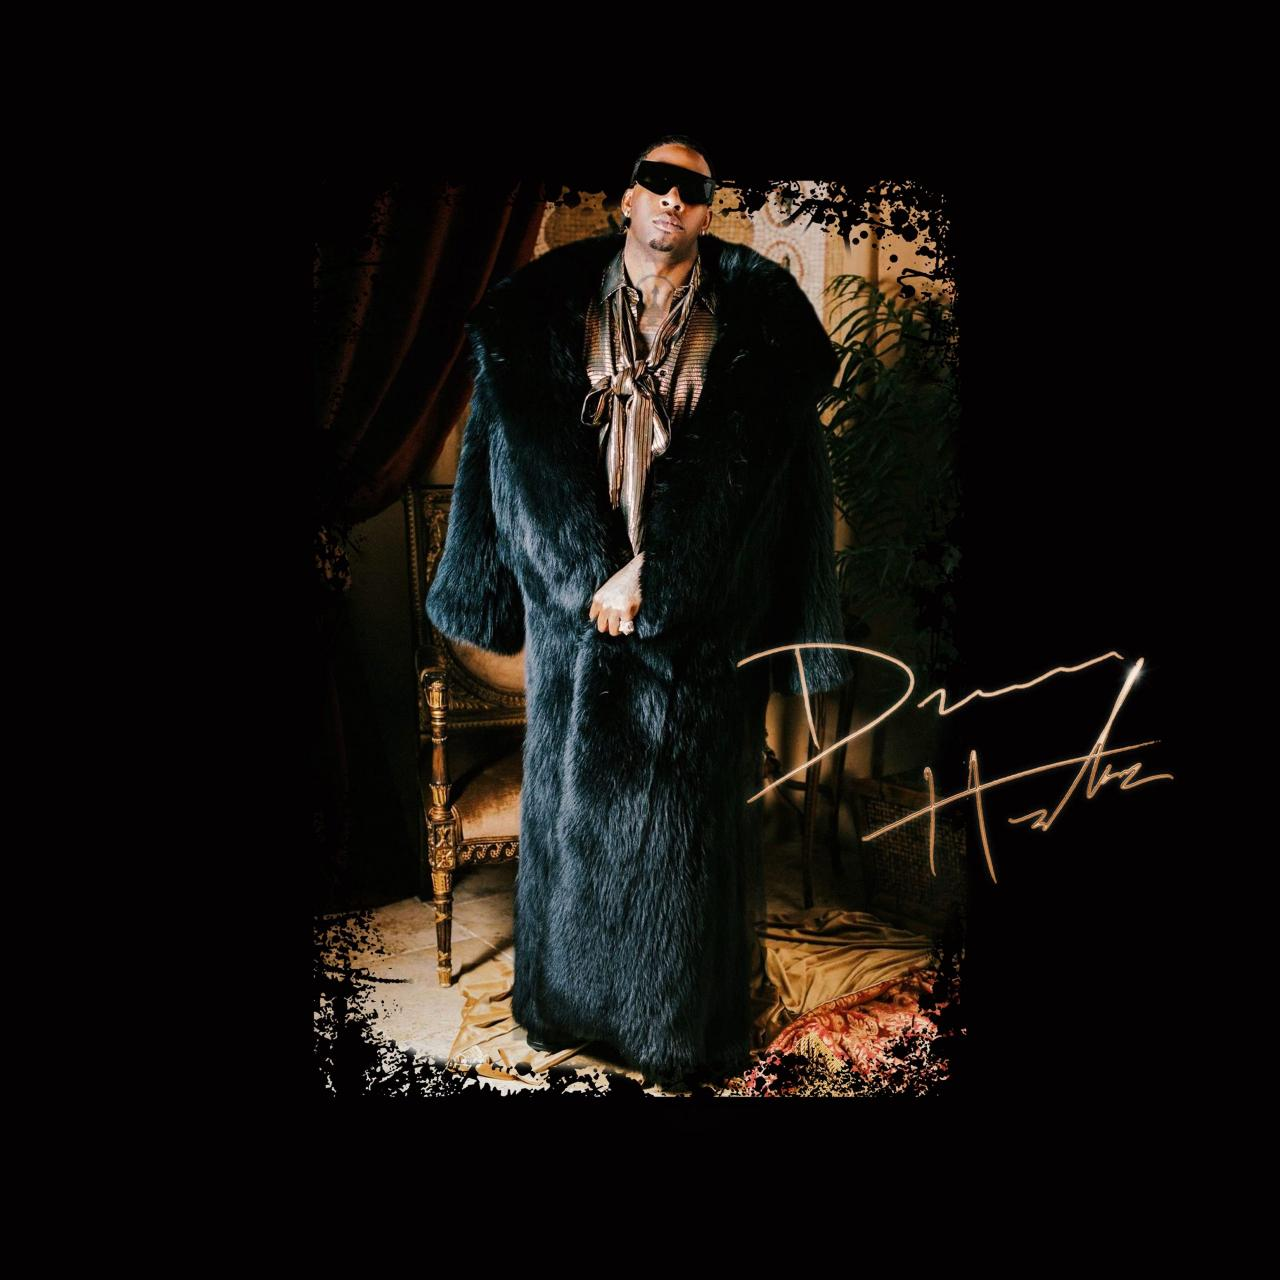 Lil Duke Ft. Yak Gotti – Birkin Mp3